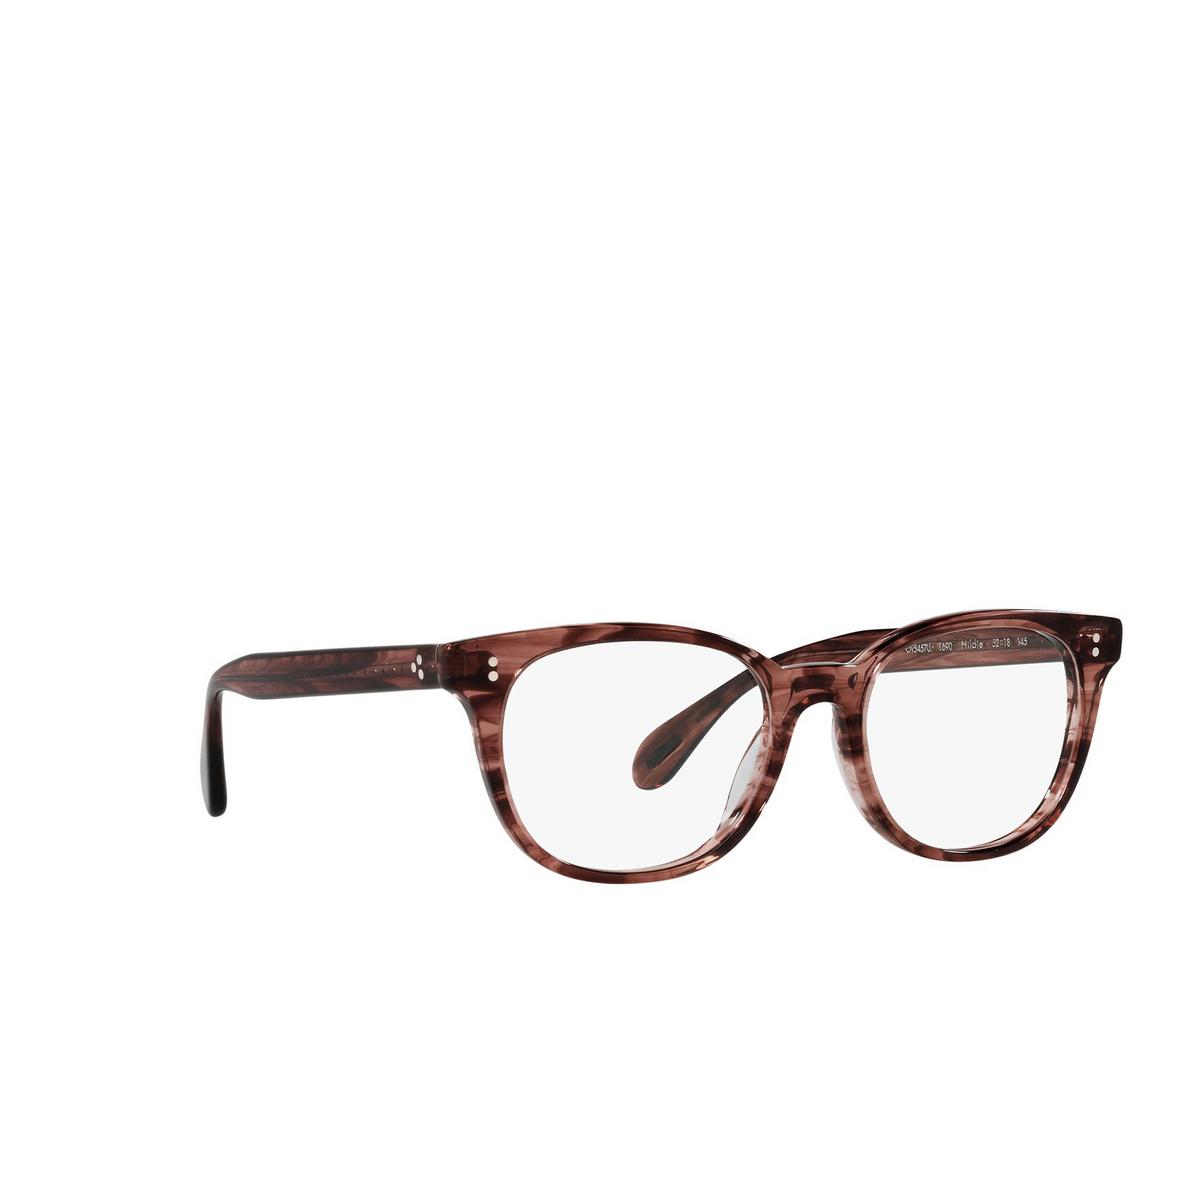 Oliver Peoples® Cat-eye Eyeglasses: Hildie OV5457U color Merlot Smoke 1690 - three-quarters view.